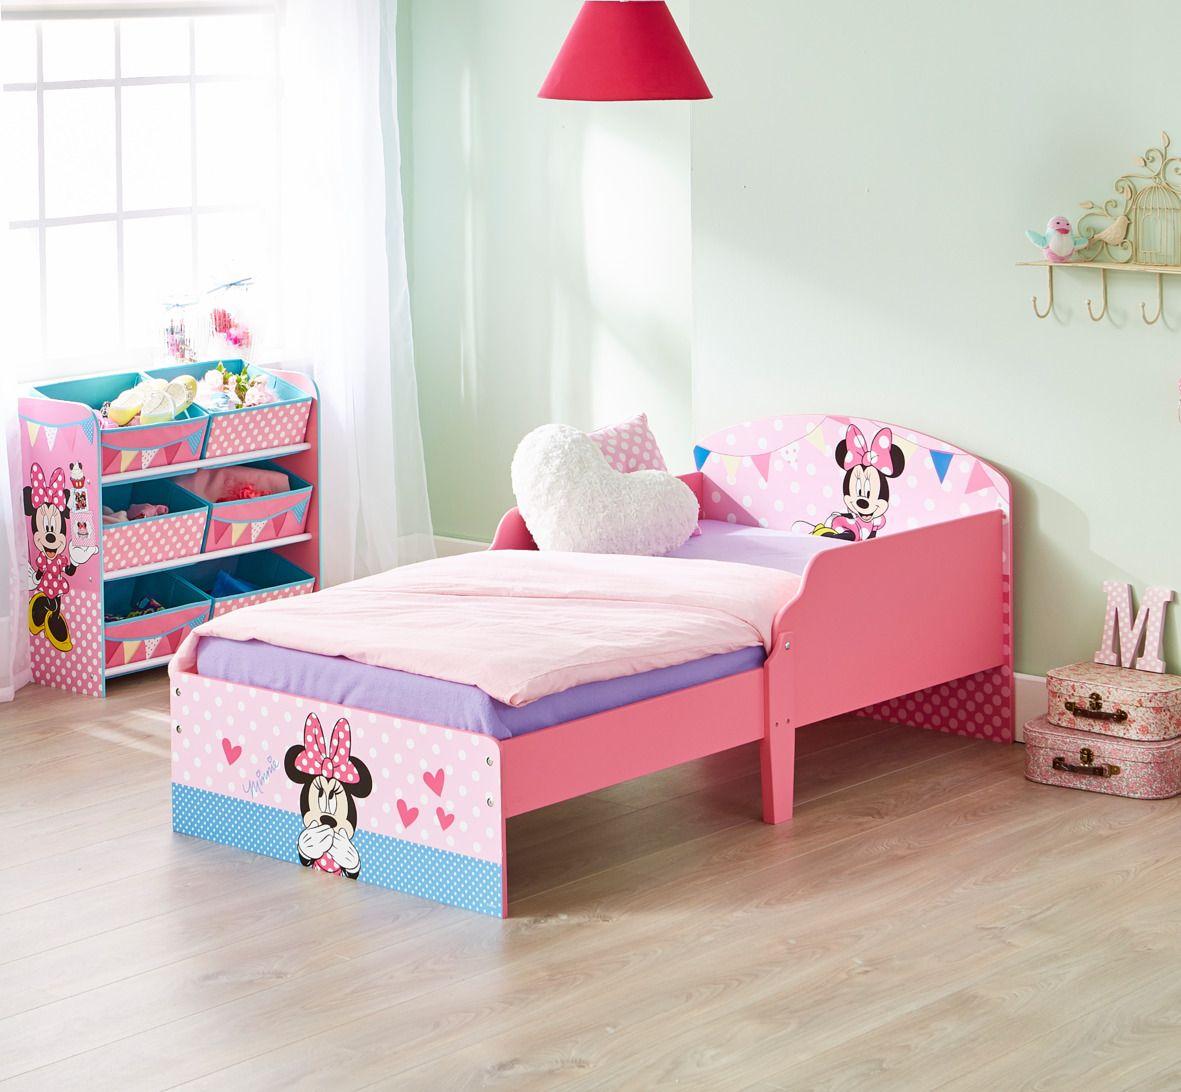 Cama infantil de madera con Minnie Mouse #Disney ideal para realizar ...